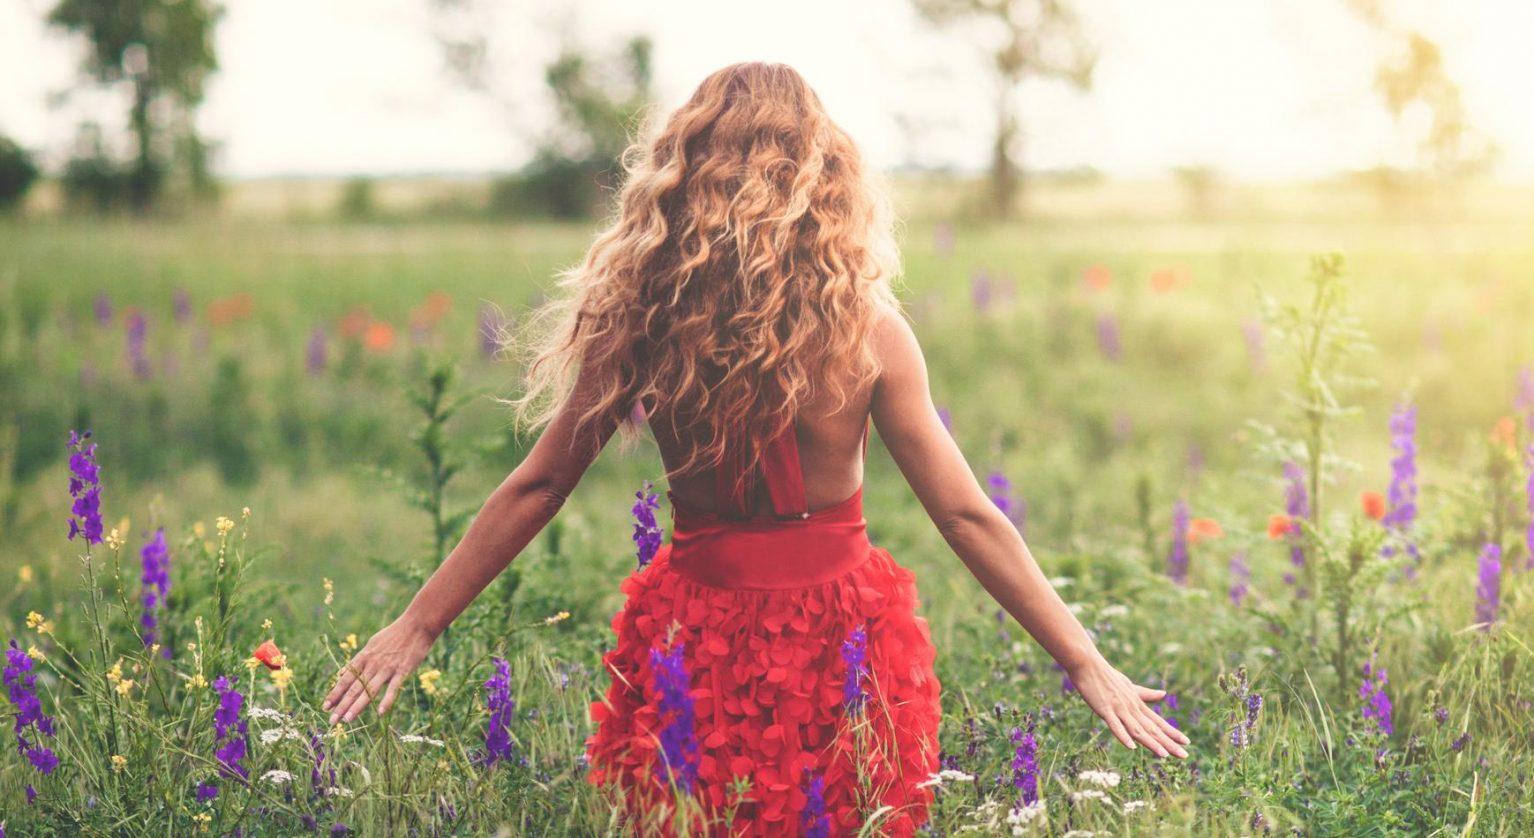 Femme champs cheveu épais